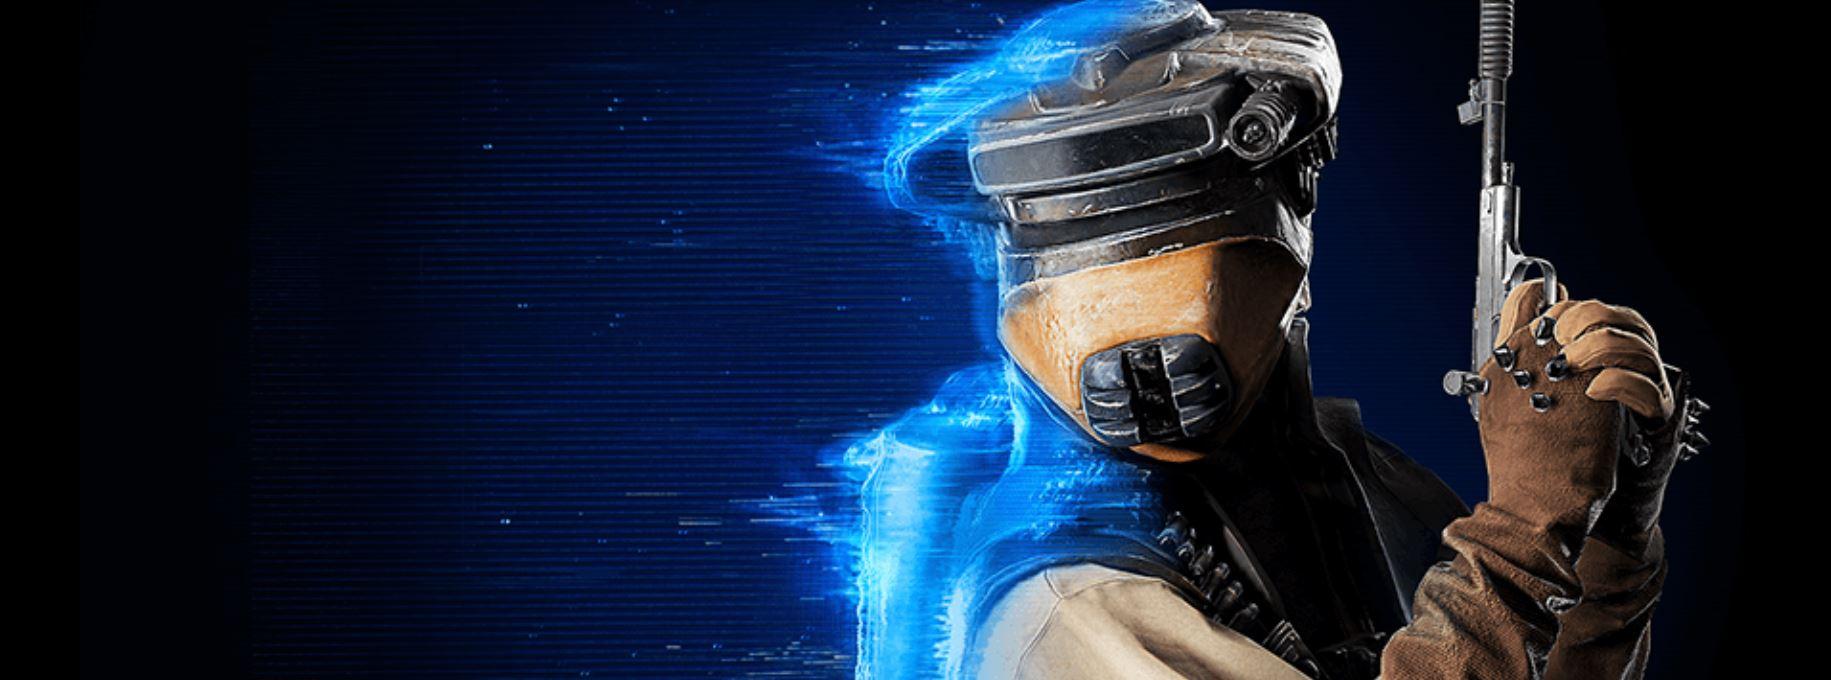 Han Solo jako łajdaka i bohatera w najnowszym sezonie Star Wars Battlefront II!